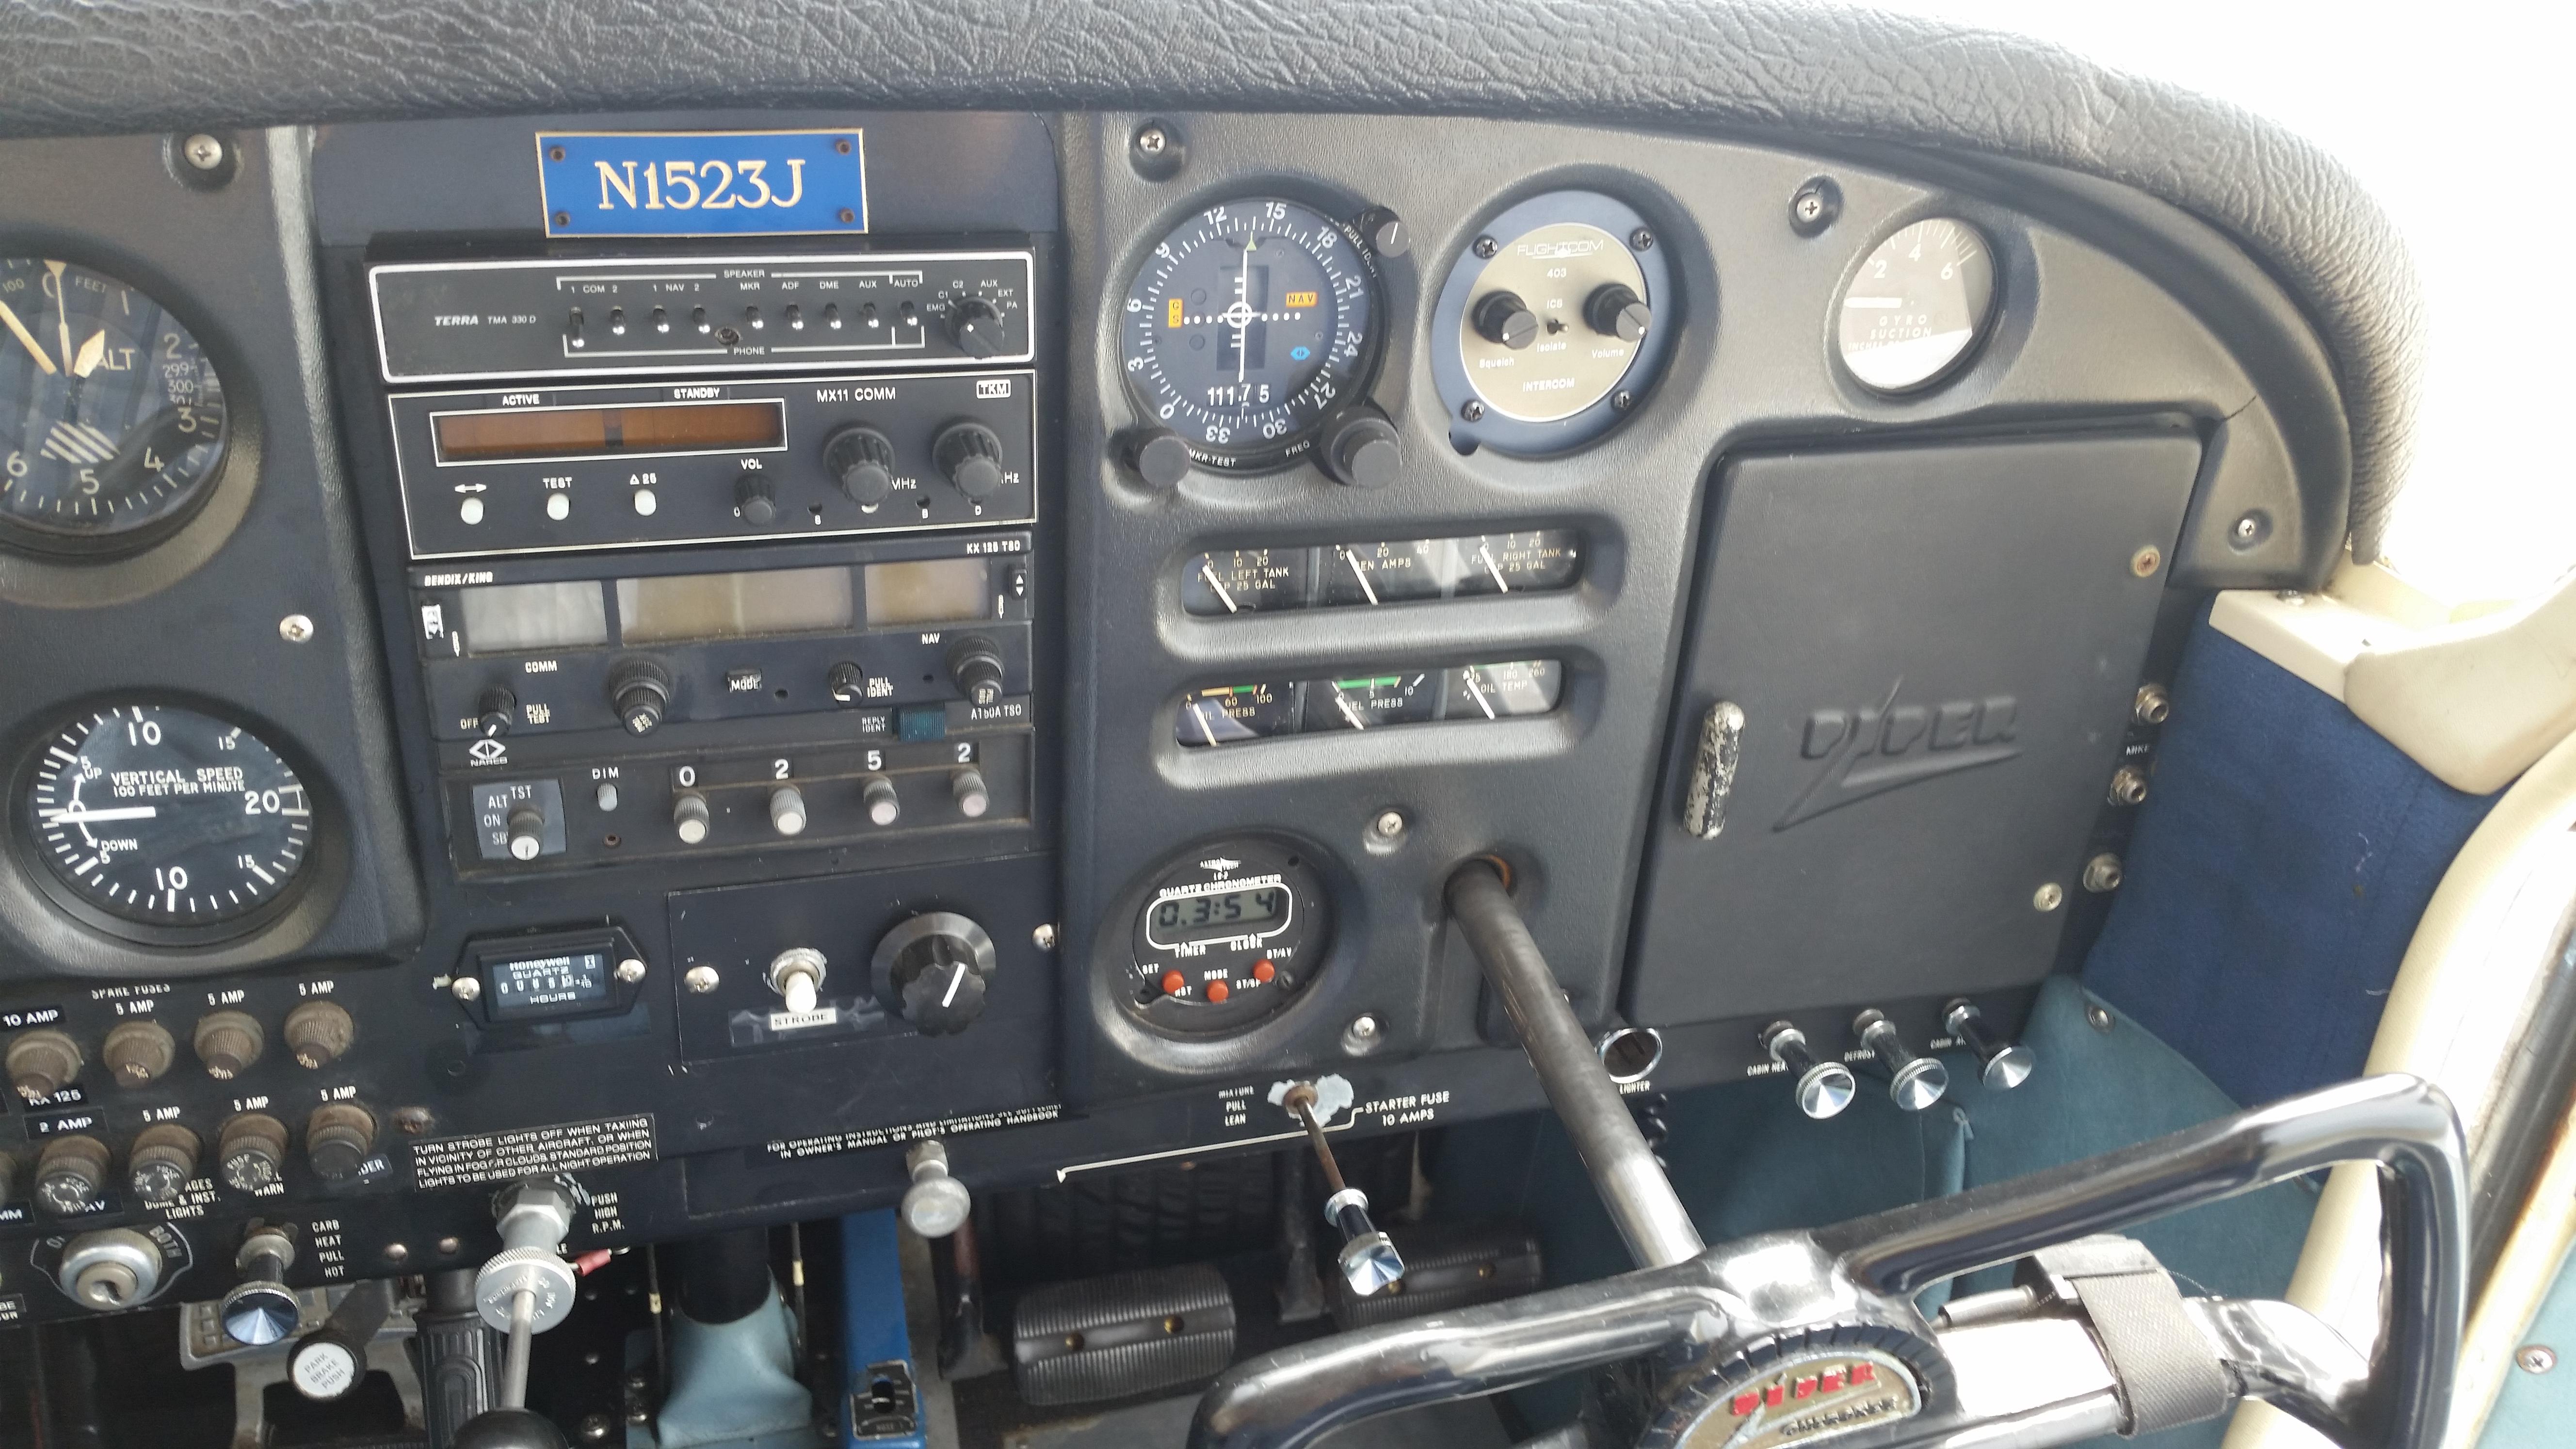 2 Nav-Comm Radios